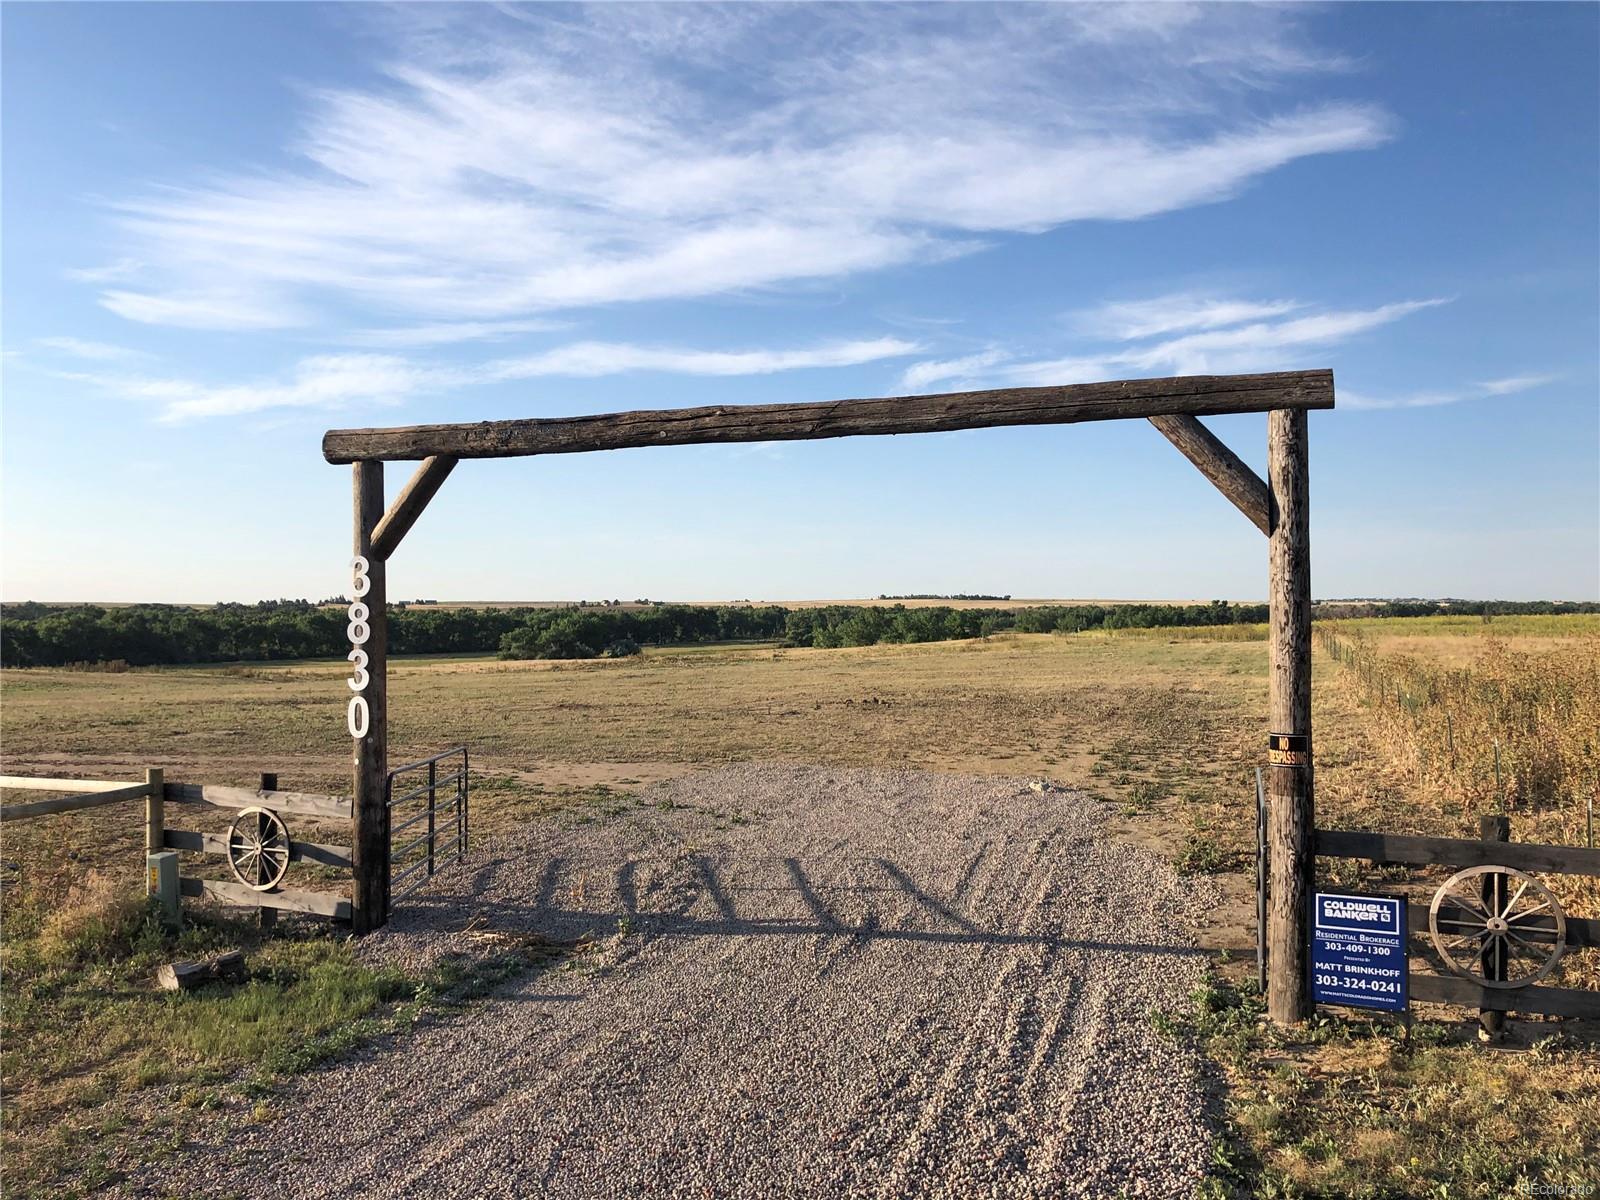 3830 Highway 79, Bennett, CO 80102 - Bennett, CO real estate listing